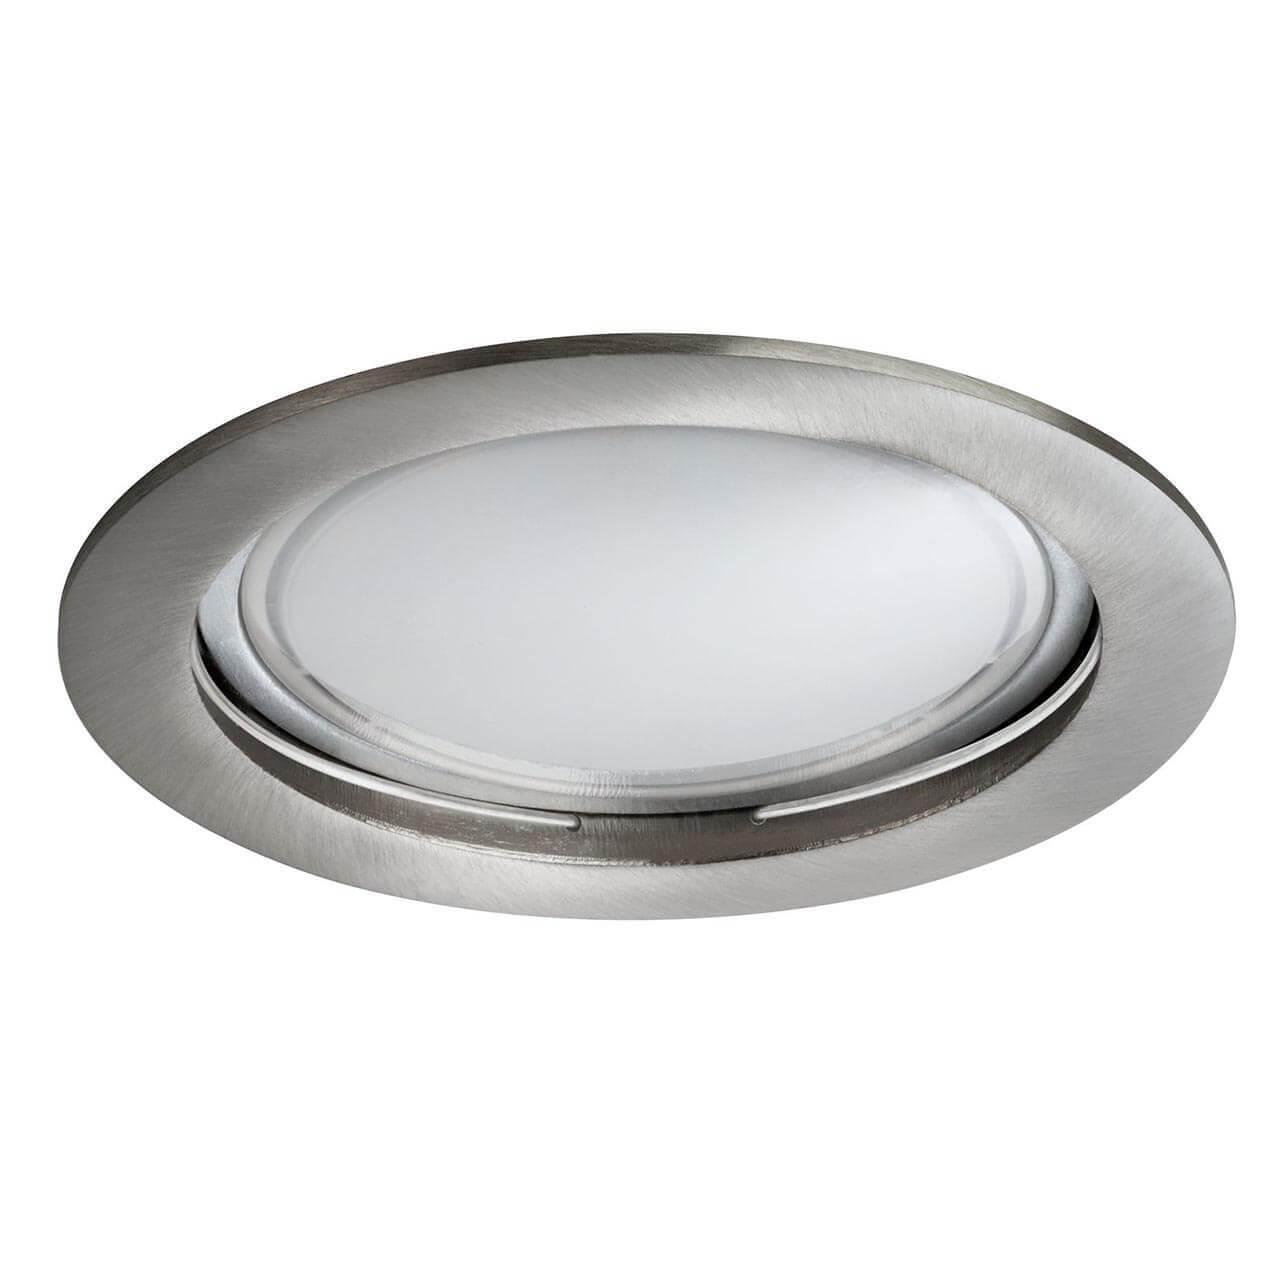 Встраиваемый светодиодный светильник Paulmann Premium Line Coin 92787 цены